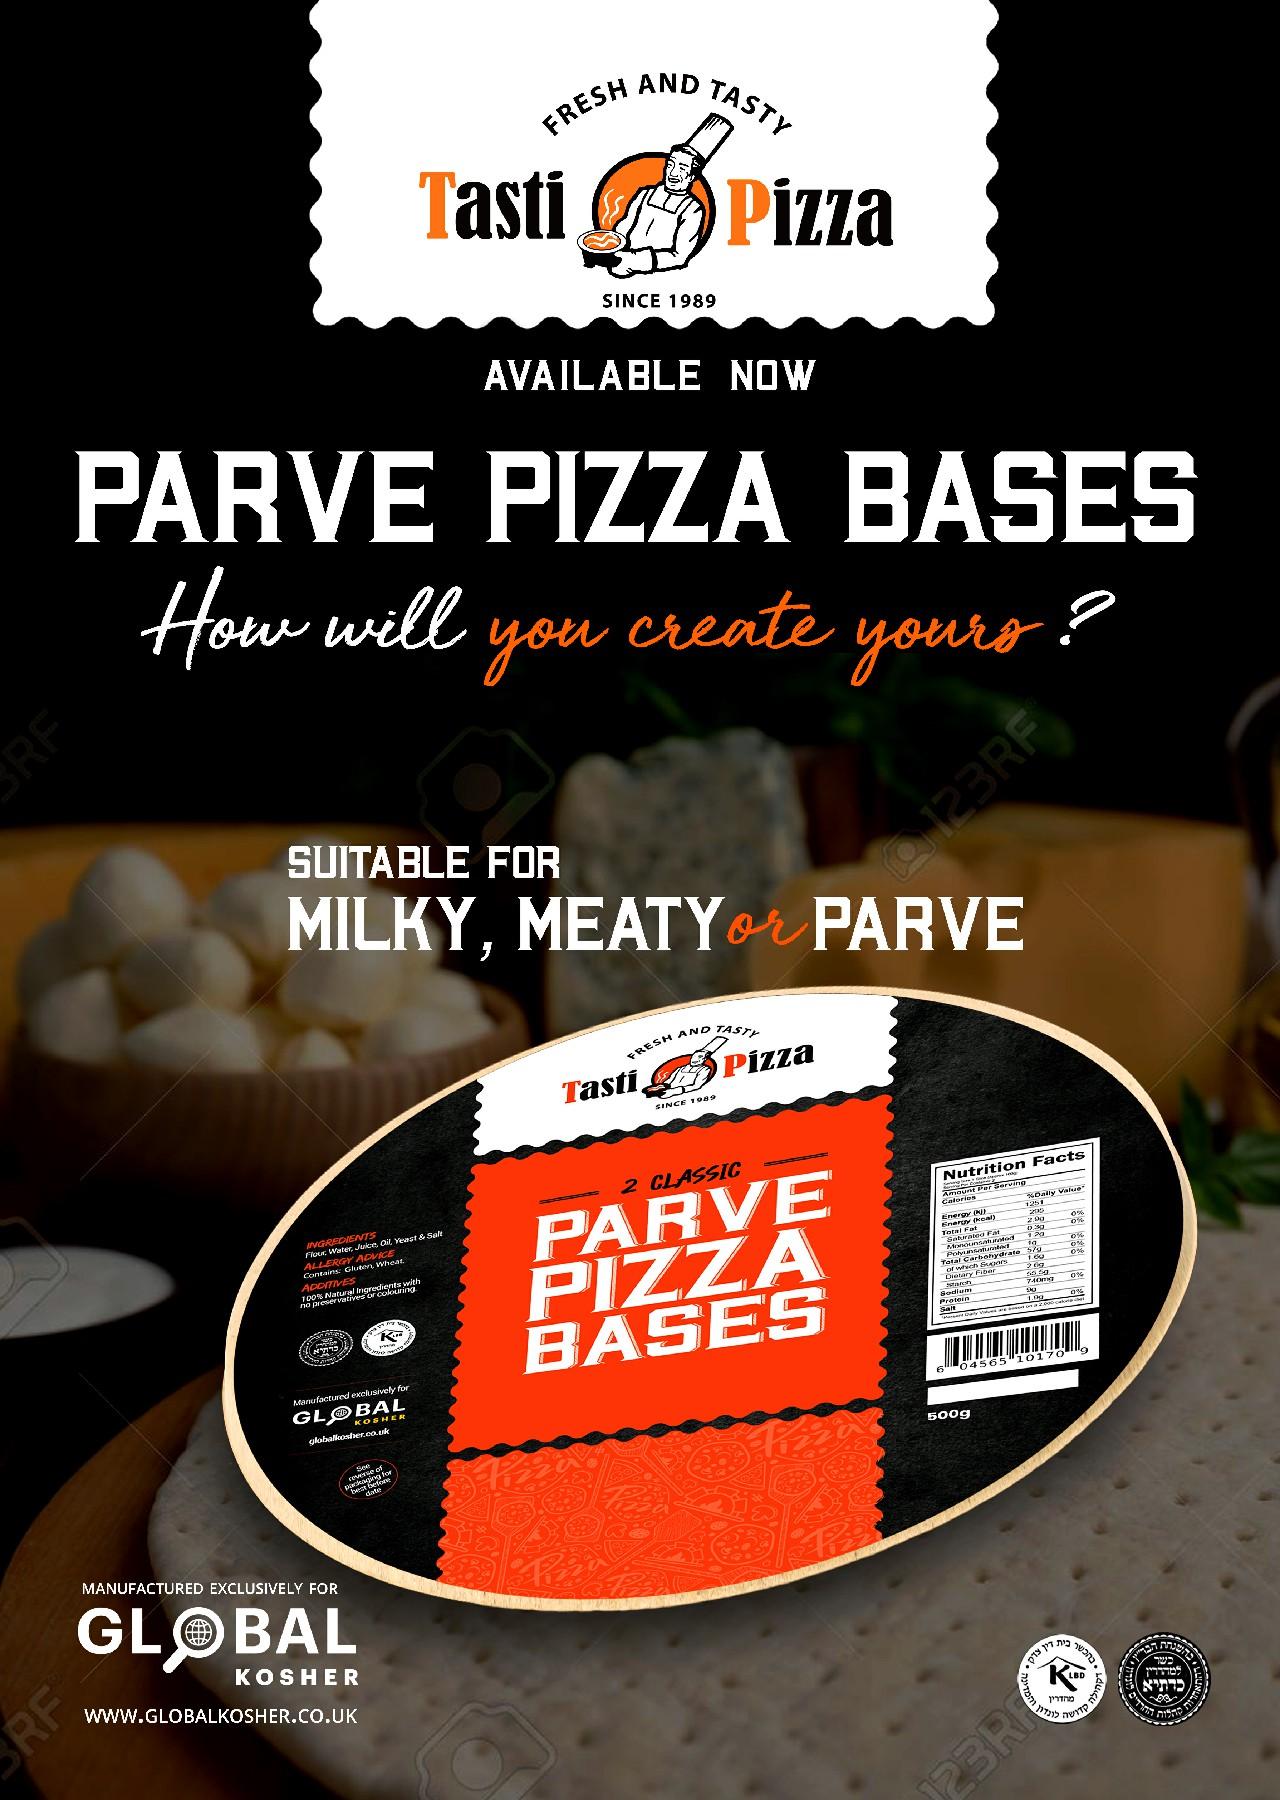 Tasti Pizza